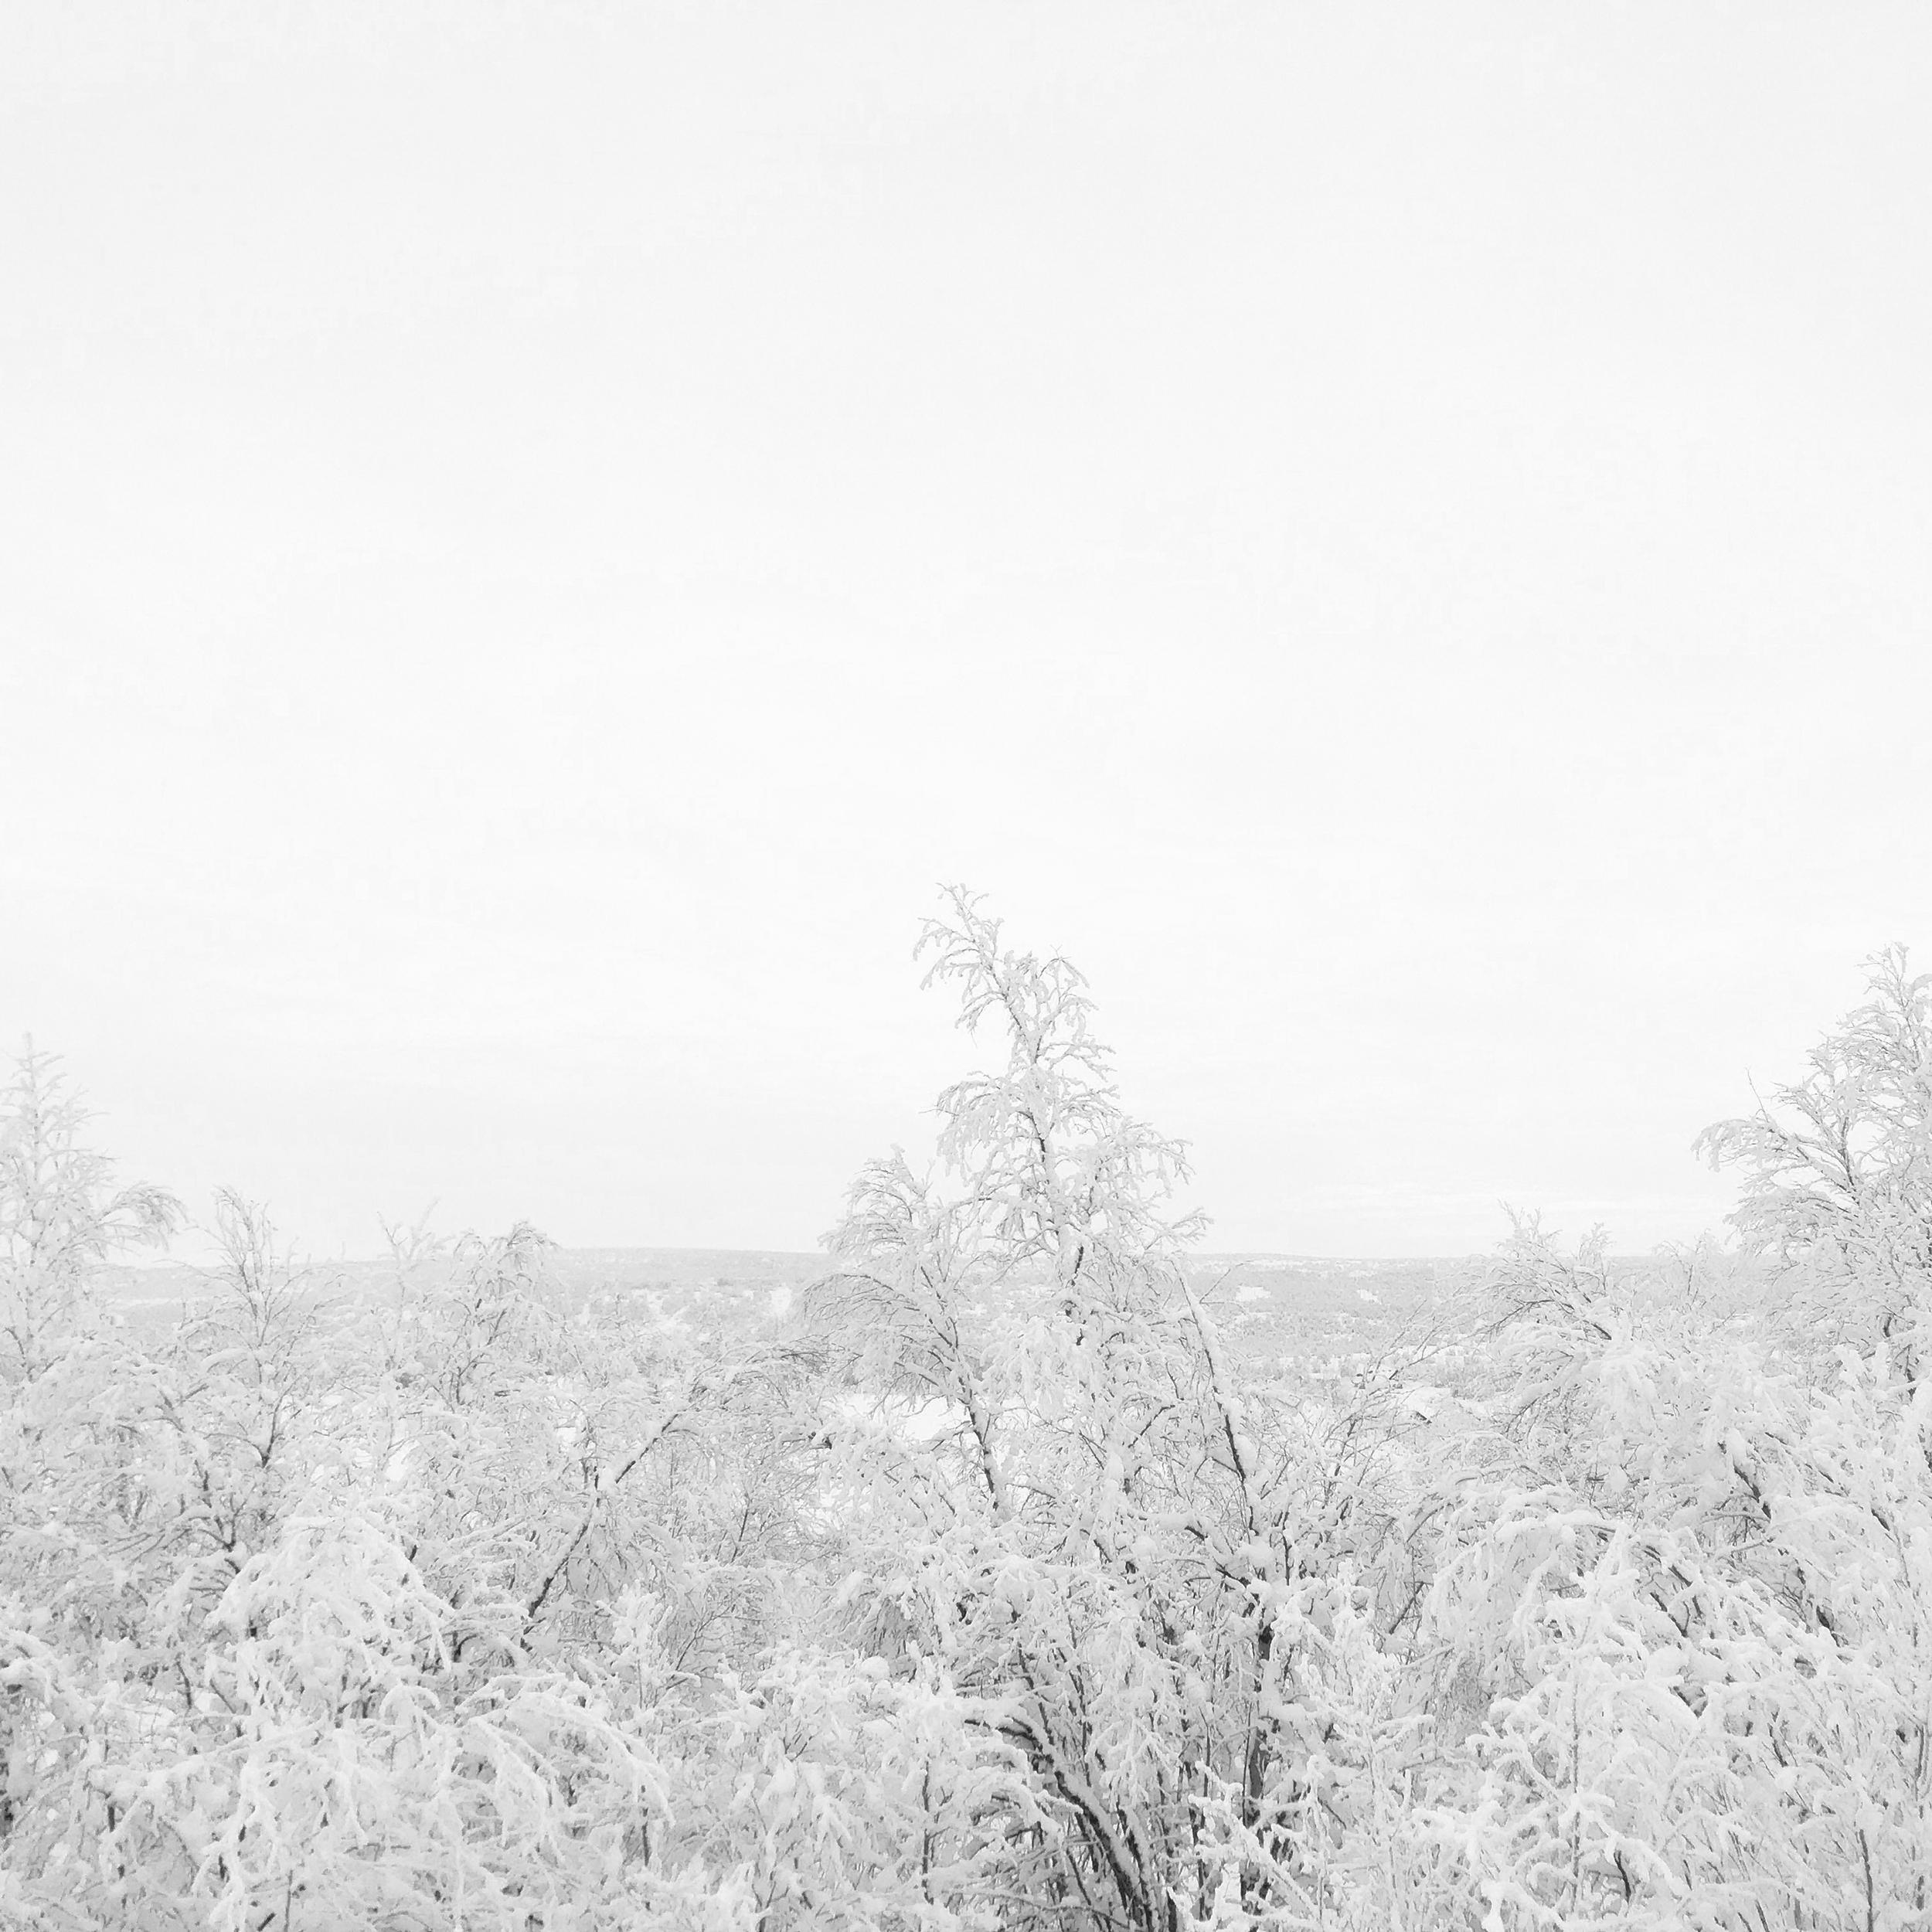 Winter scenery in Kautokeino, Norway.